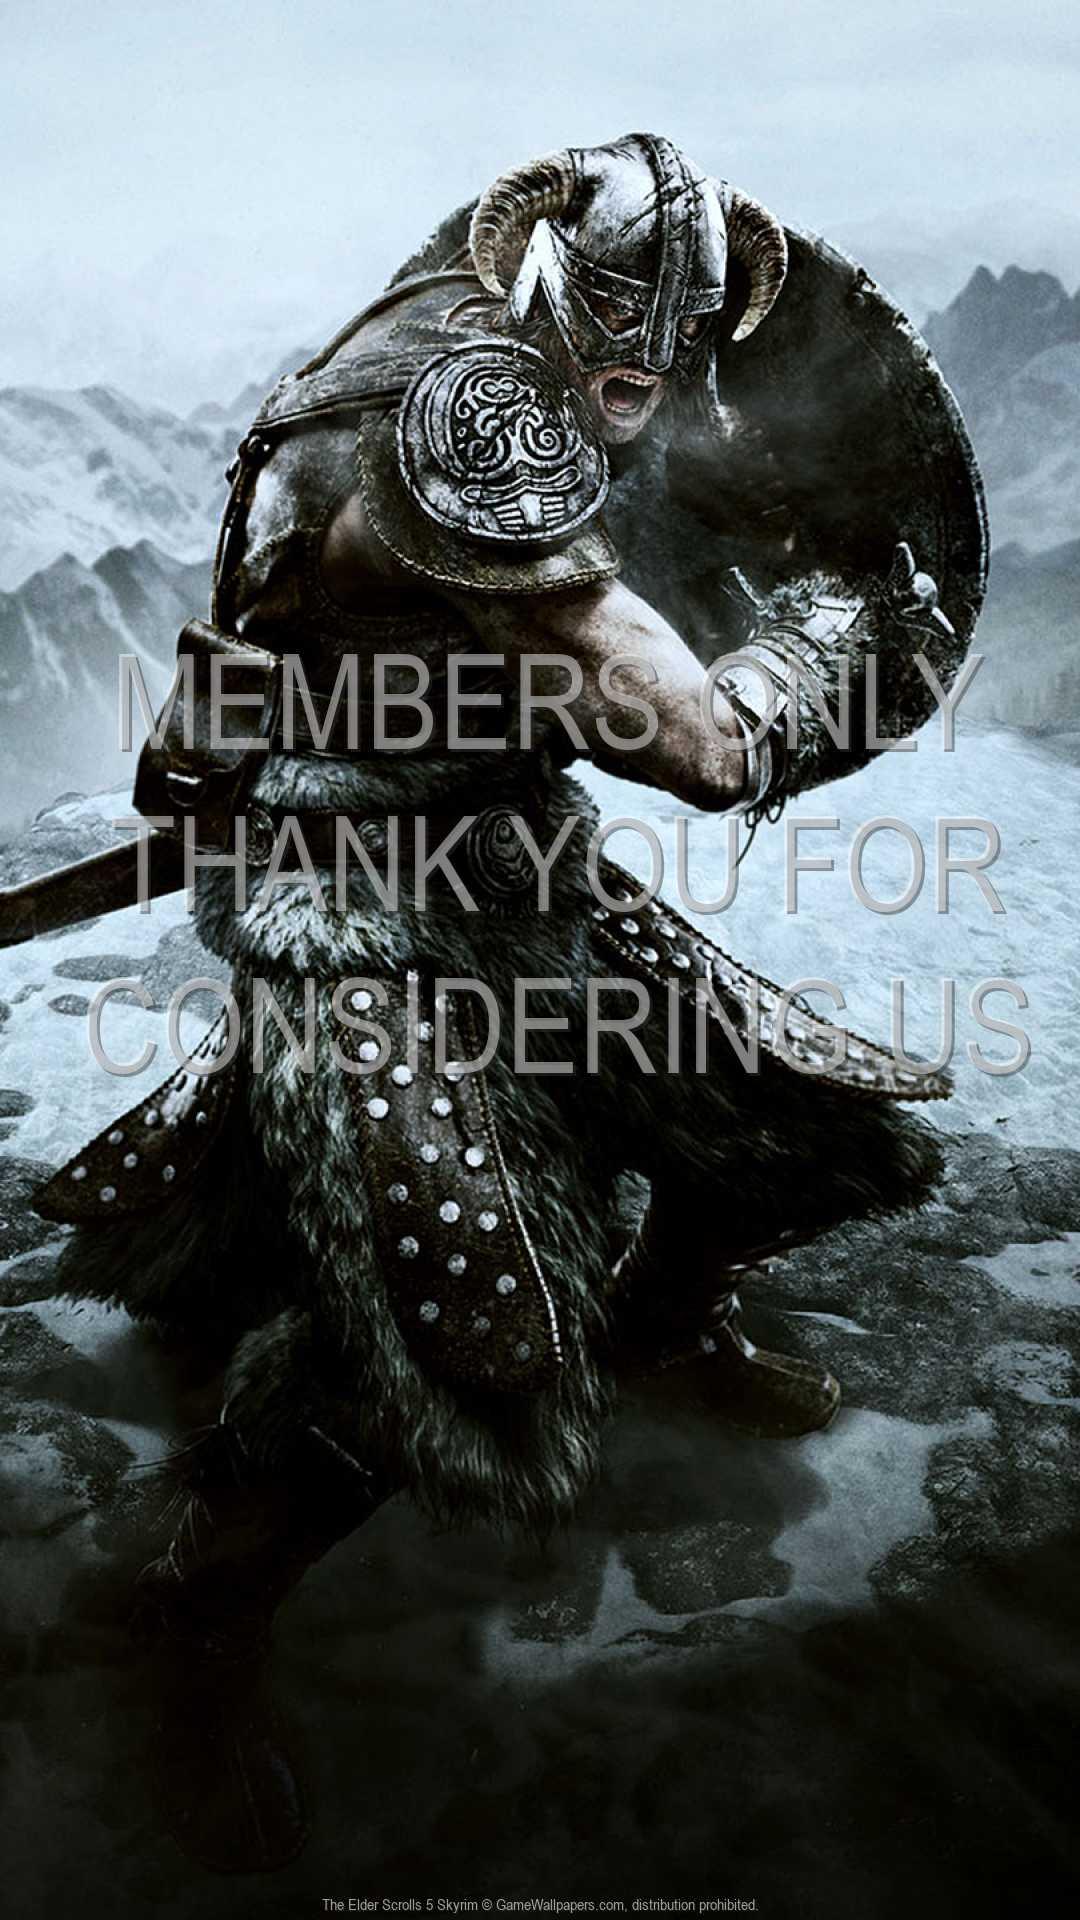 The Elder Scrolls 5: Skyrim 1080p Vertical Handy Hintergrundbild 03